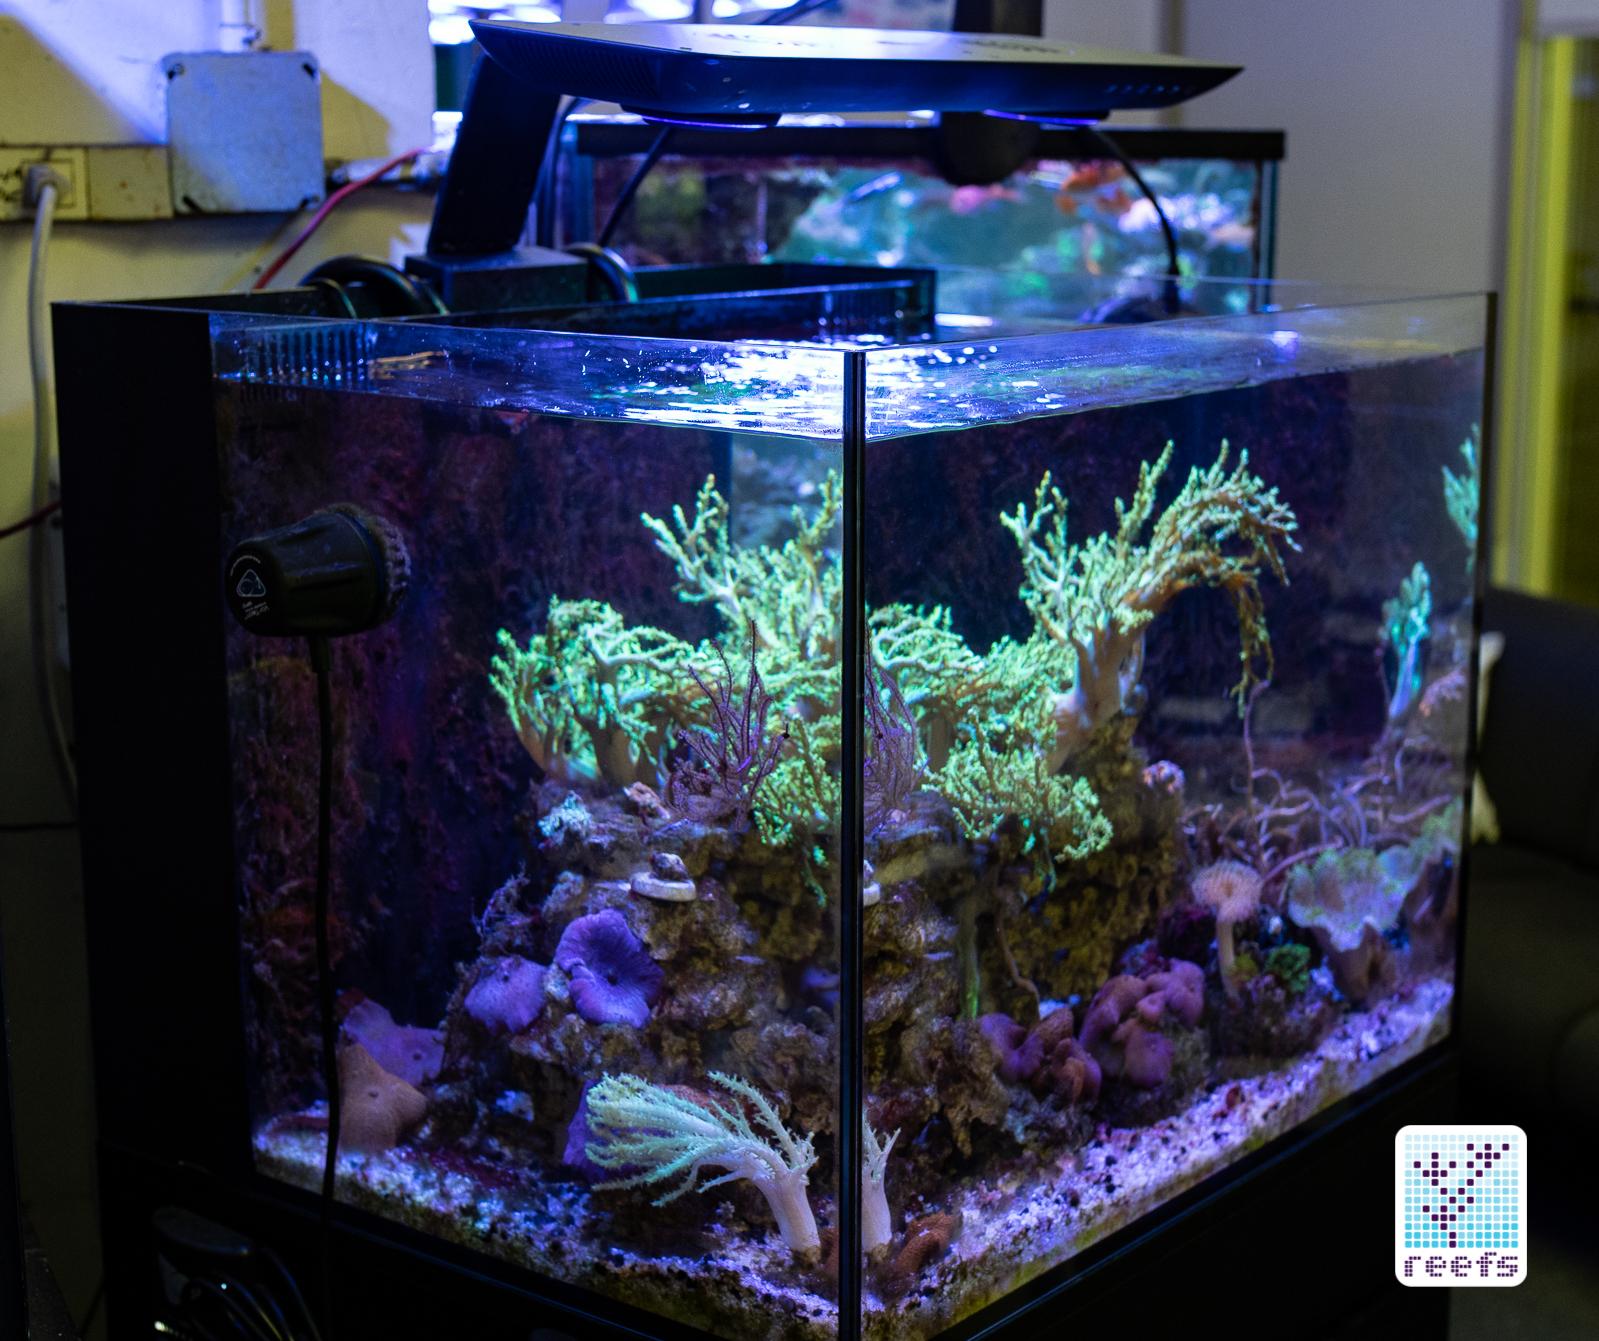 cobalt aquatics c vue aquarium kit the definitive review reefs com